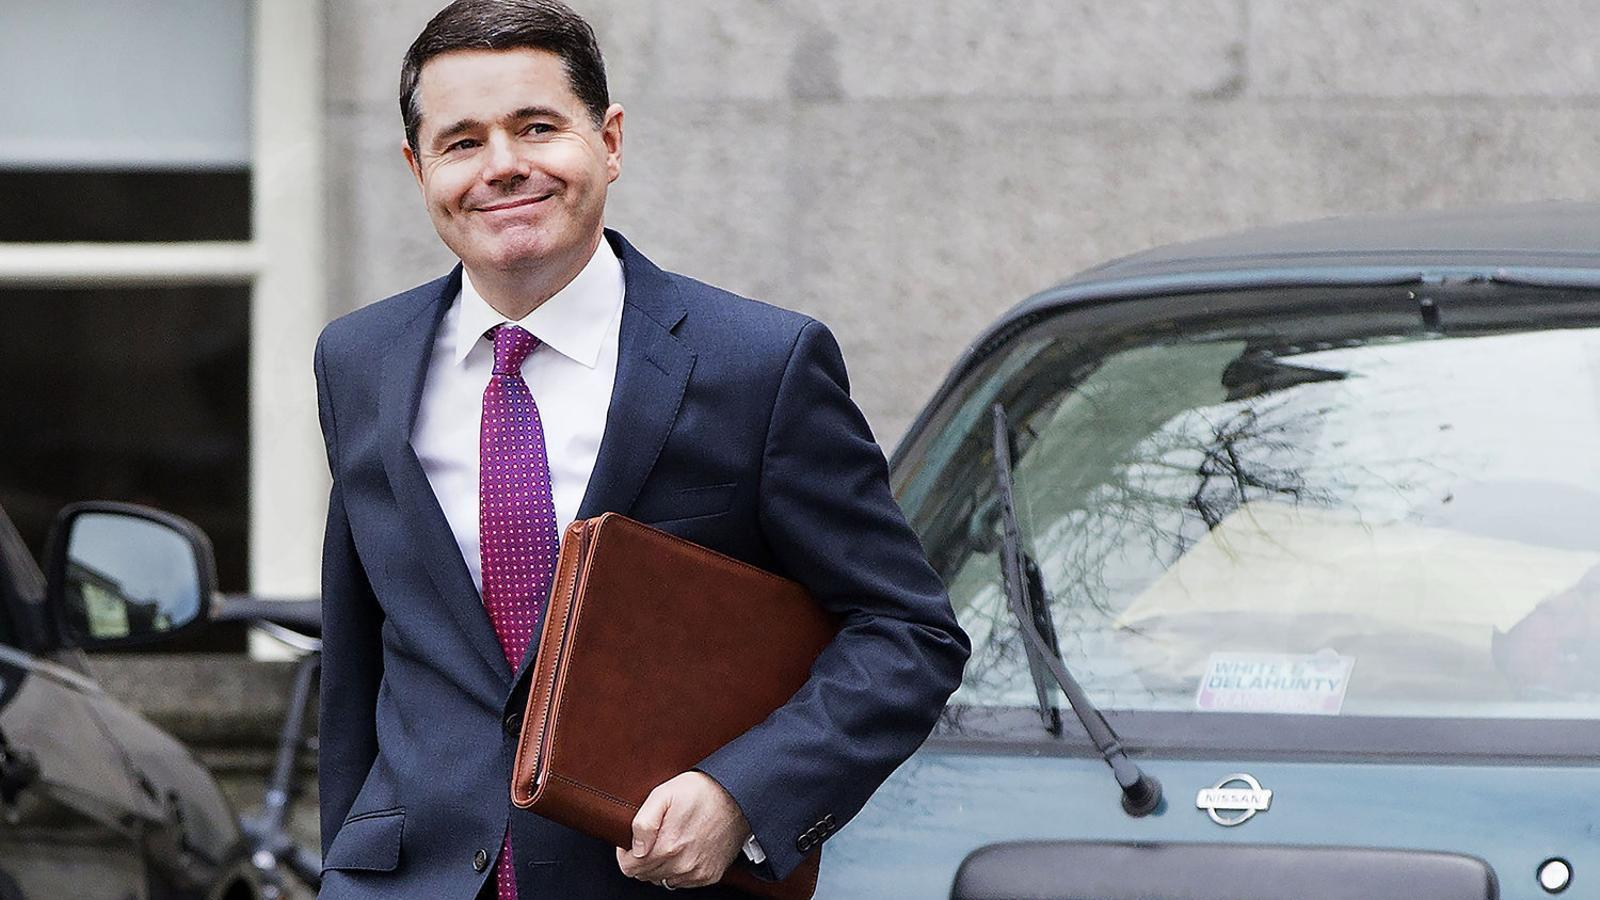 El conservador Paschal Donohoe ha mantingut inalterats els baixos impostos del seu país.